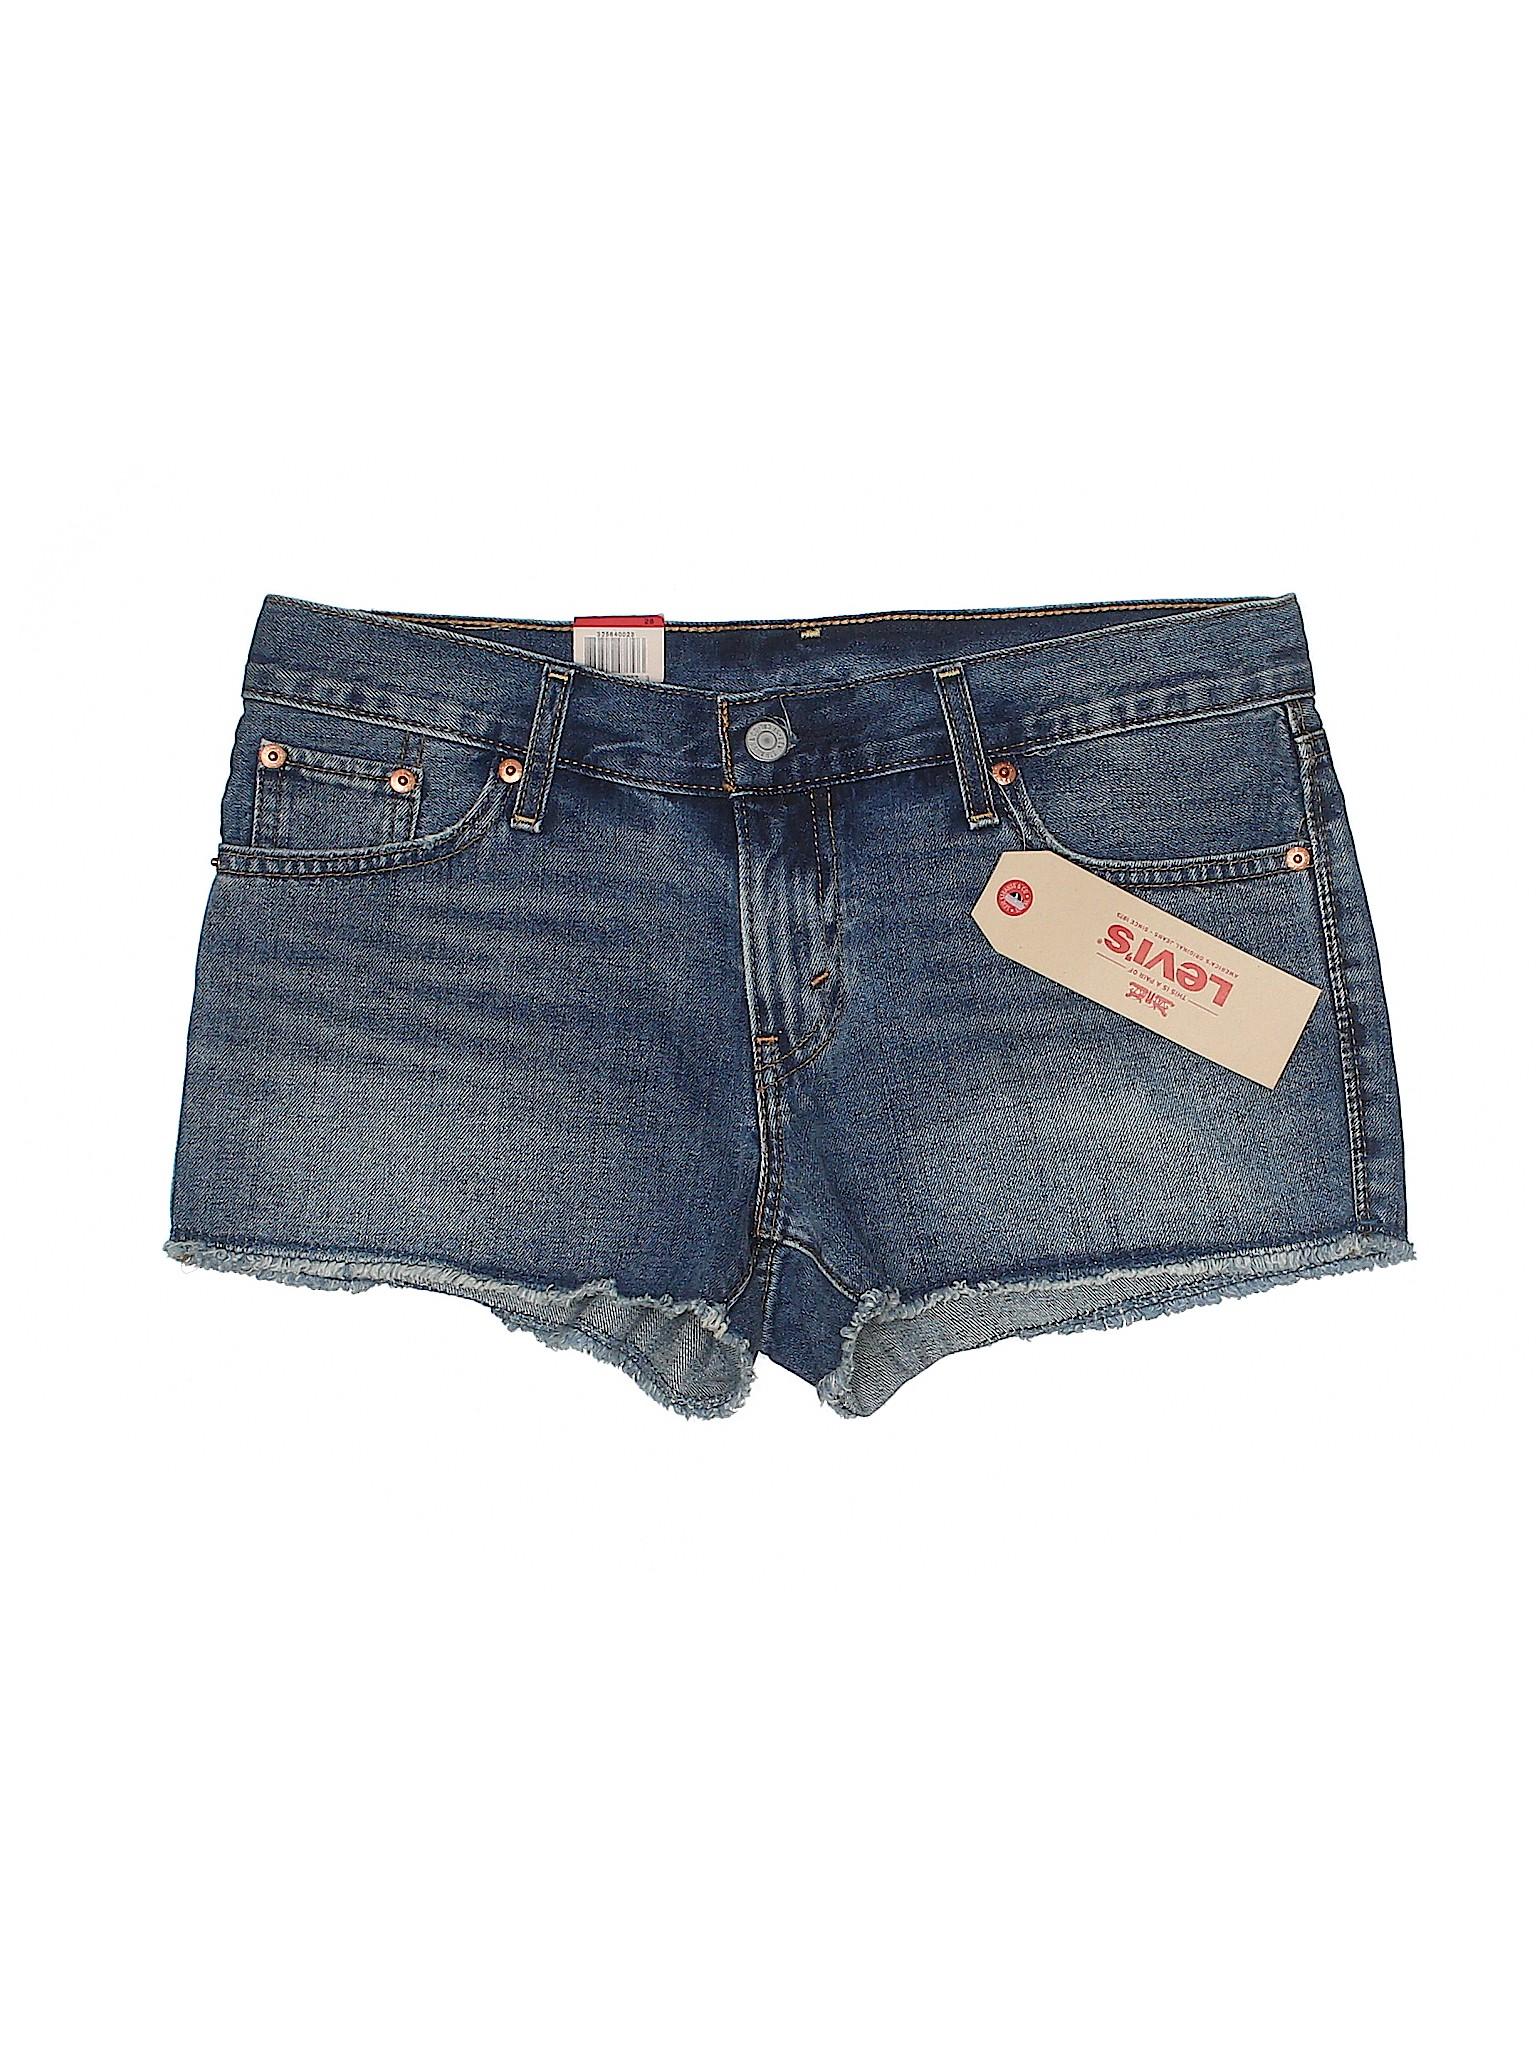 Boutique Boutique Shorts Denim Levi's Levi's q5HxwPOxR